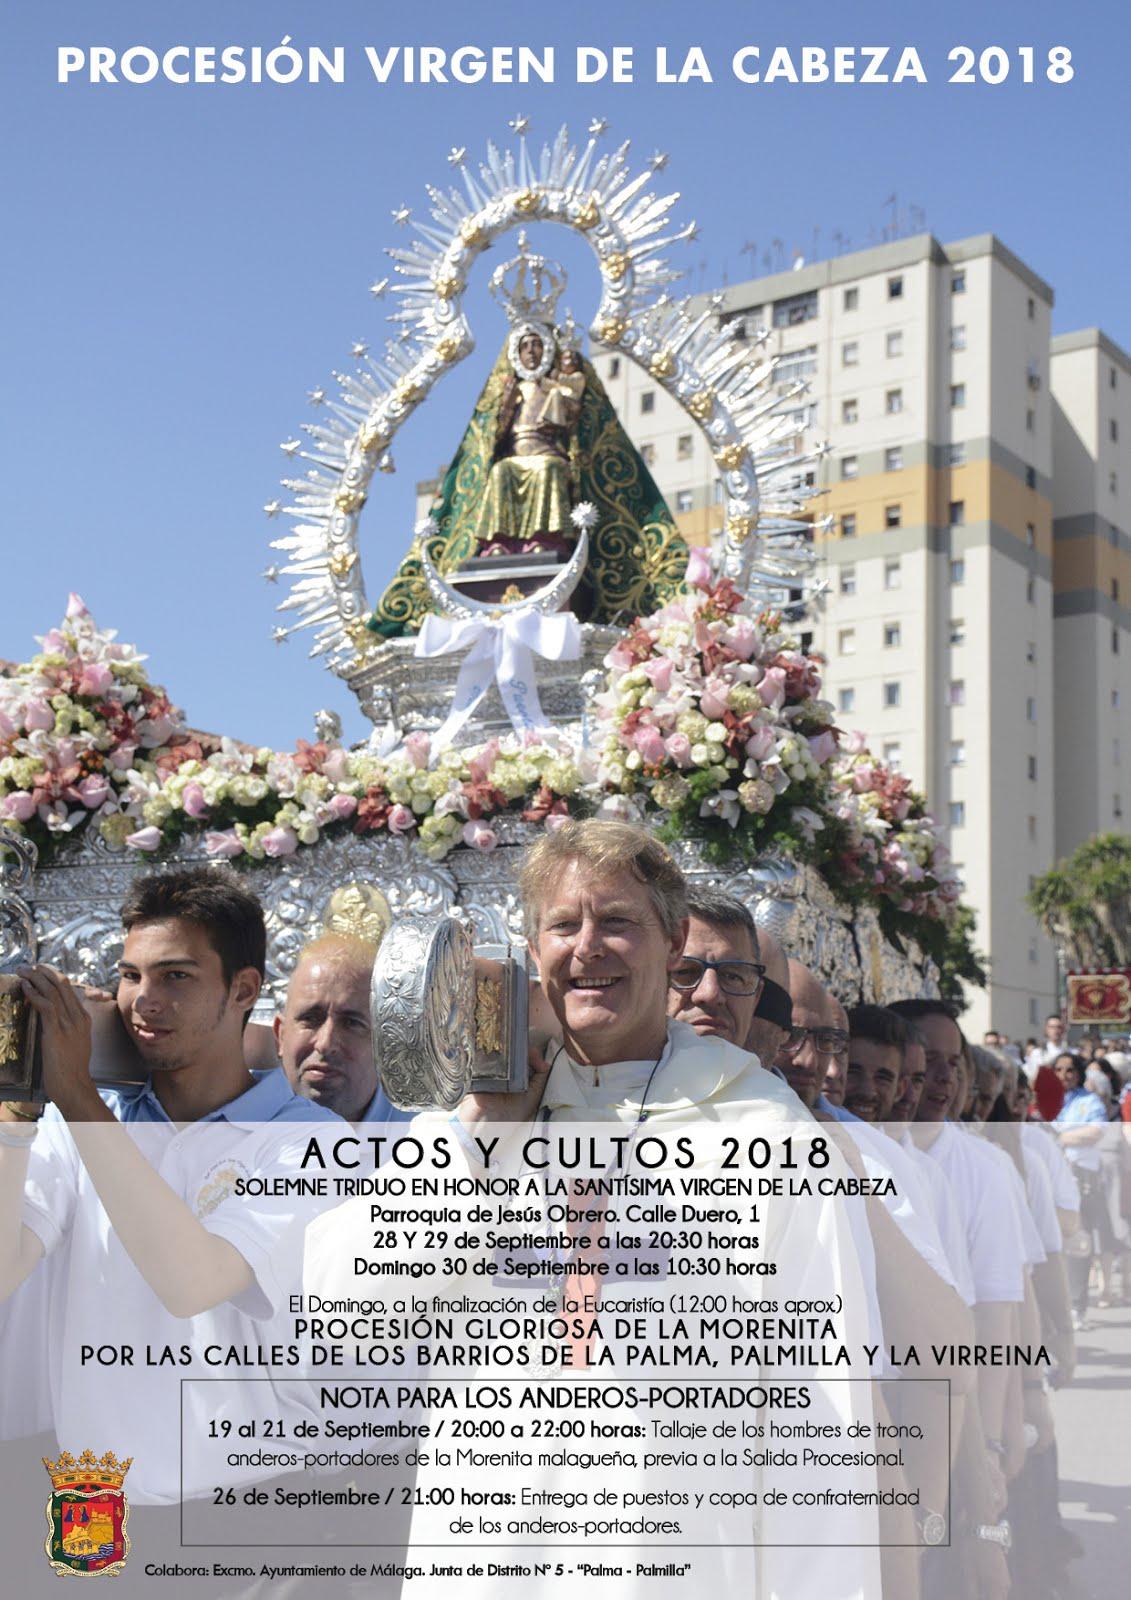 Detalle Cultos y Actos PROCESIÓN 2018